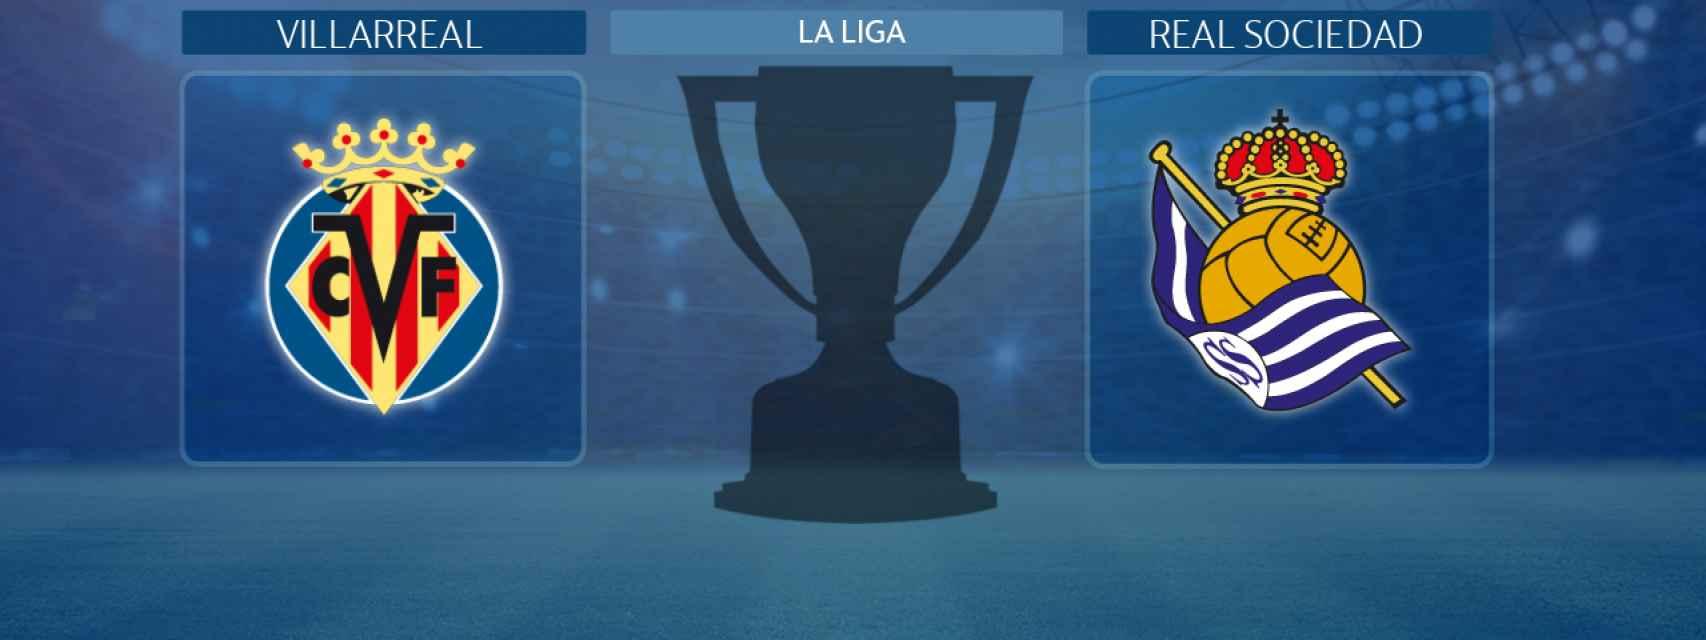 Villarreal - Real Sociedad, partido de La Liga